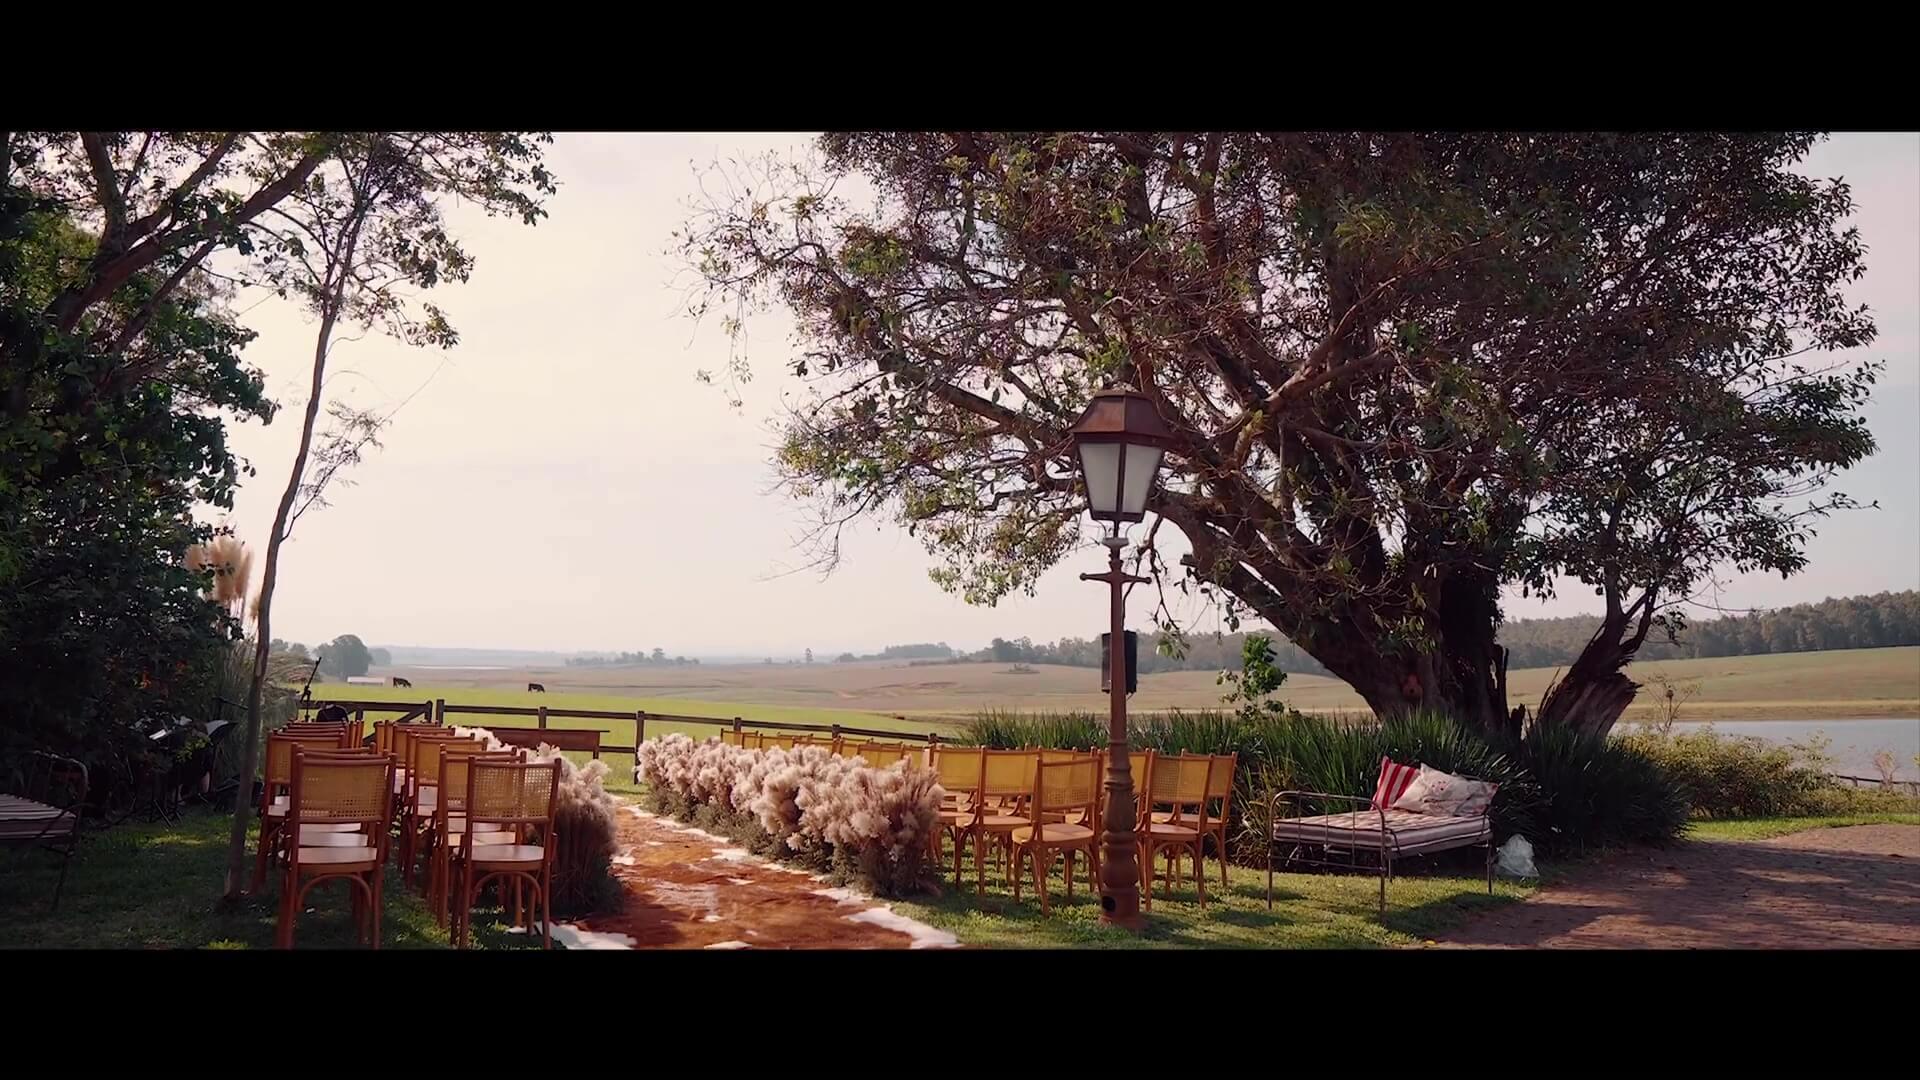 glenda_e_cassio_destination_wedding_fazenda_rio_grande_do_sul00016